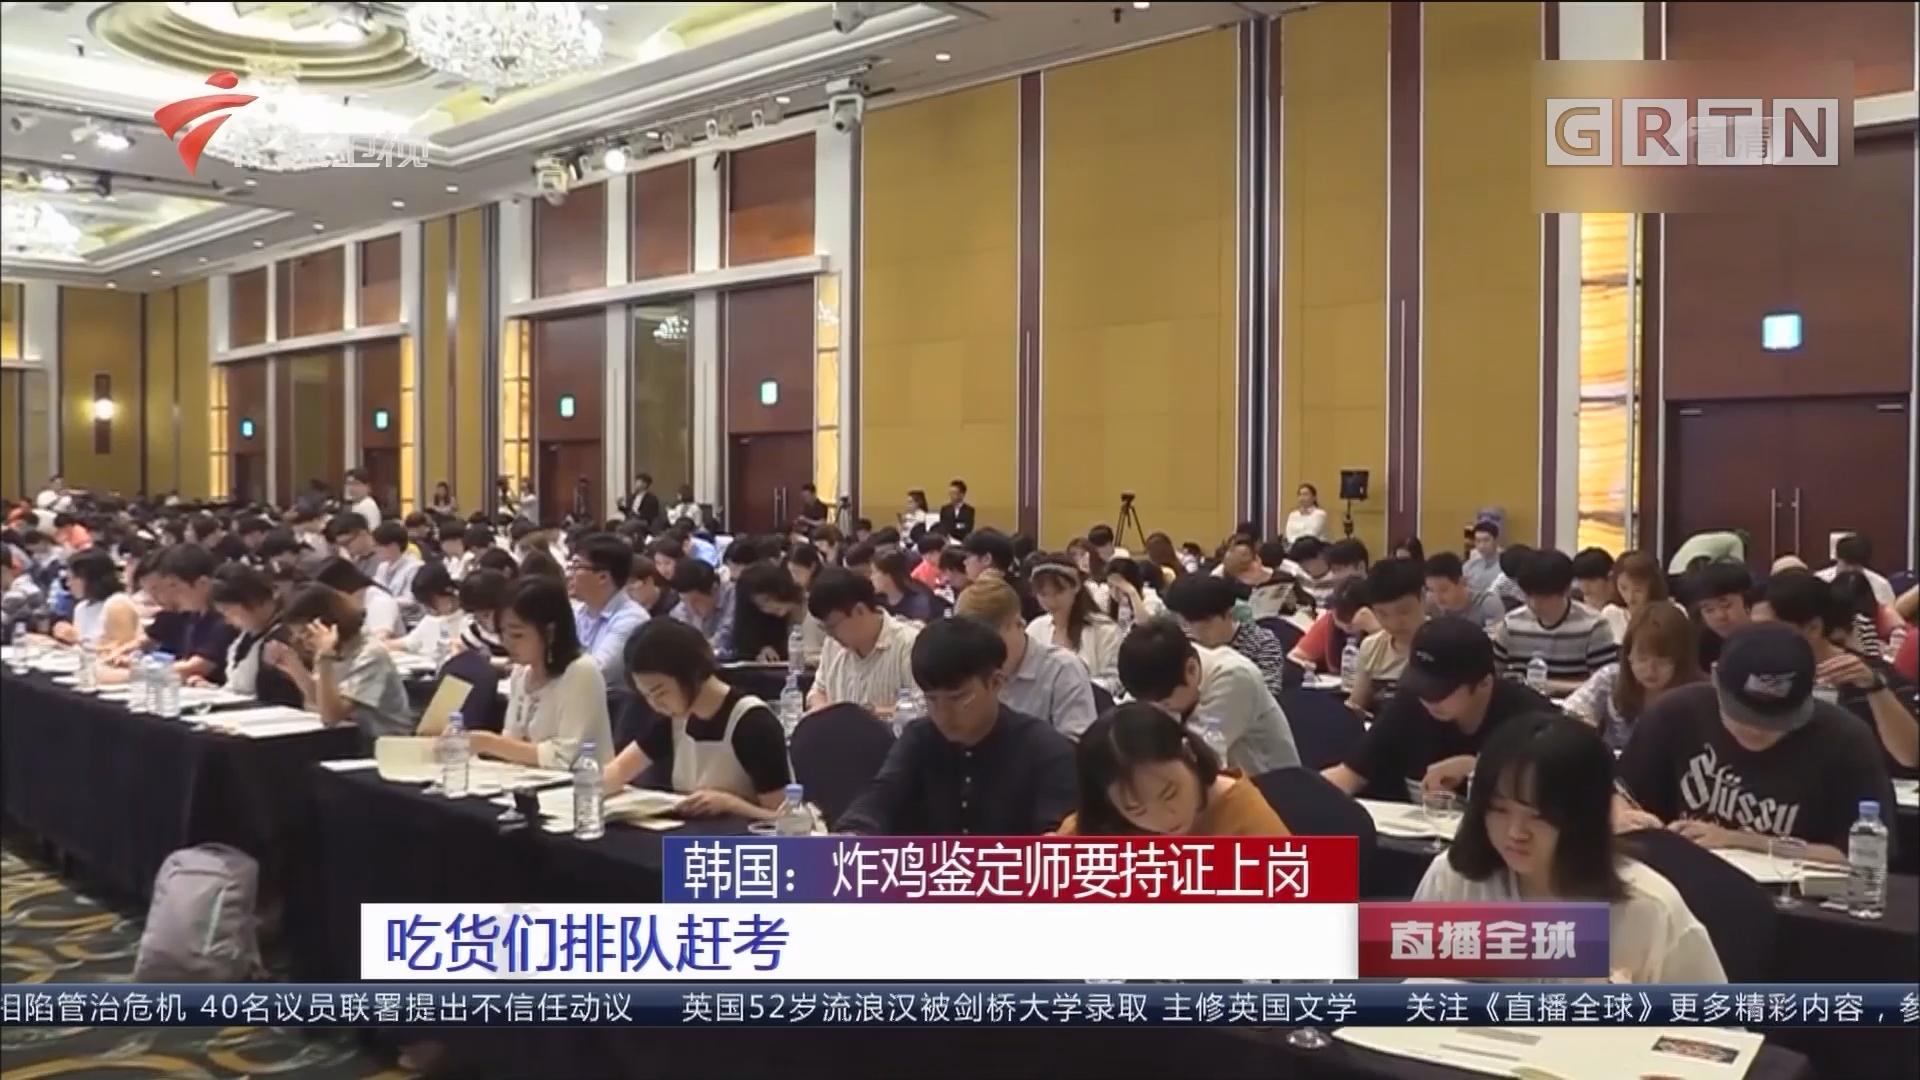 韩国:炸鸡鉴定师要持证上岗 吃货们排队赶考